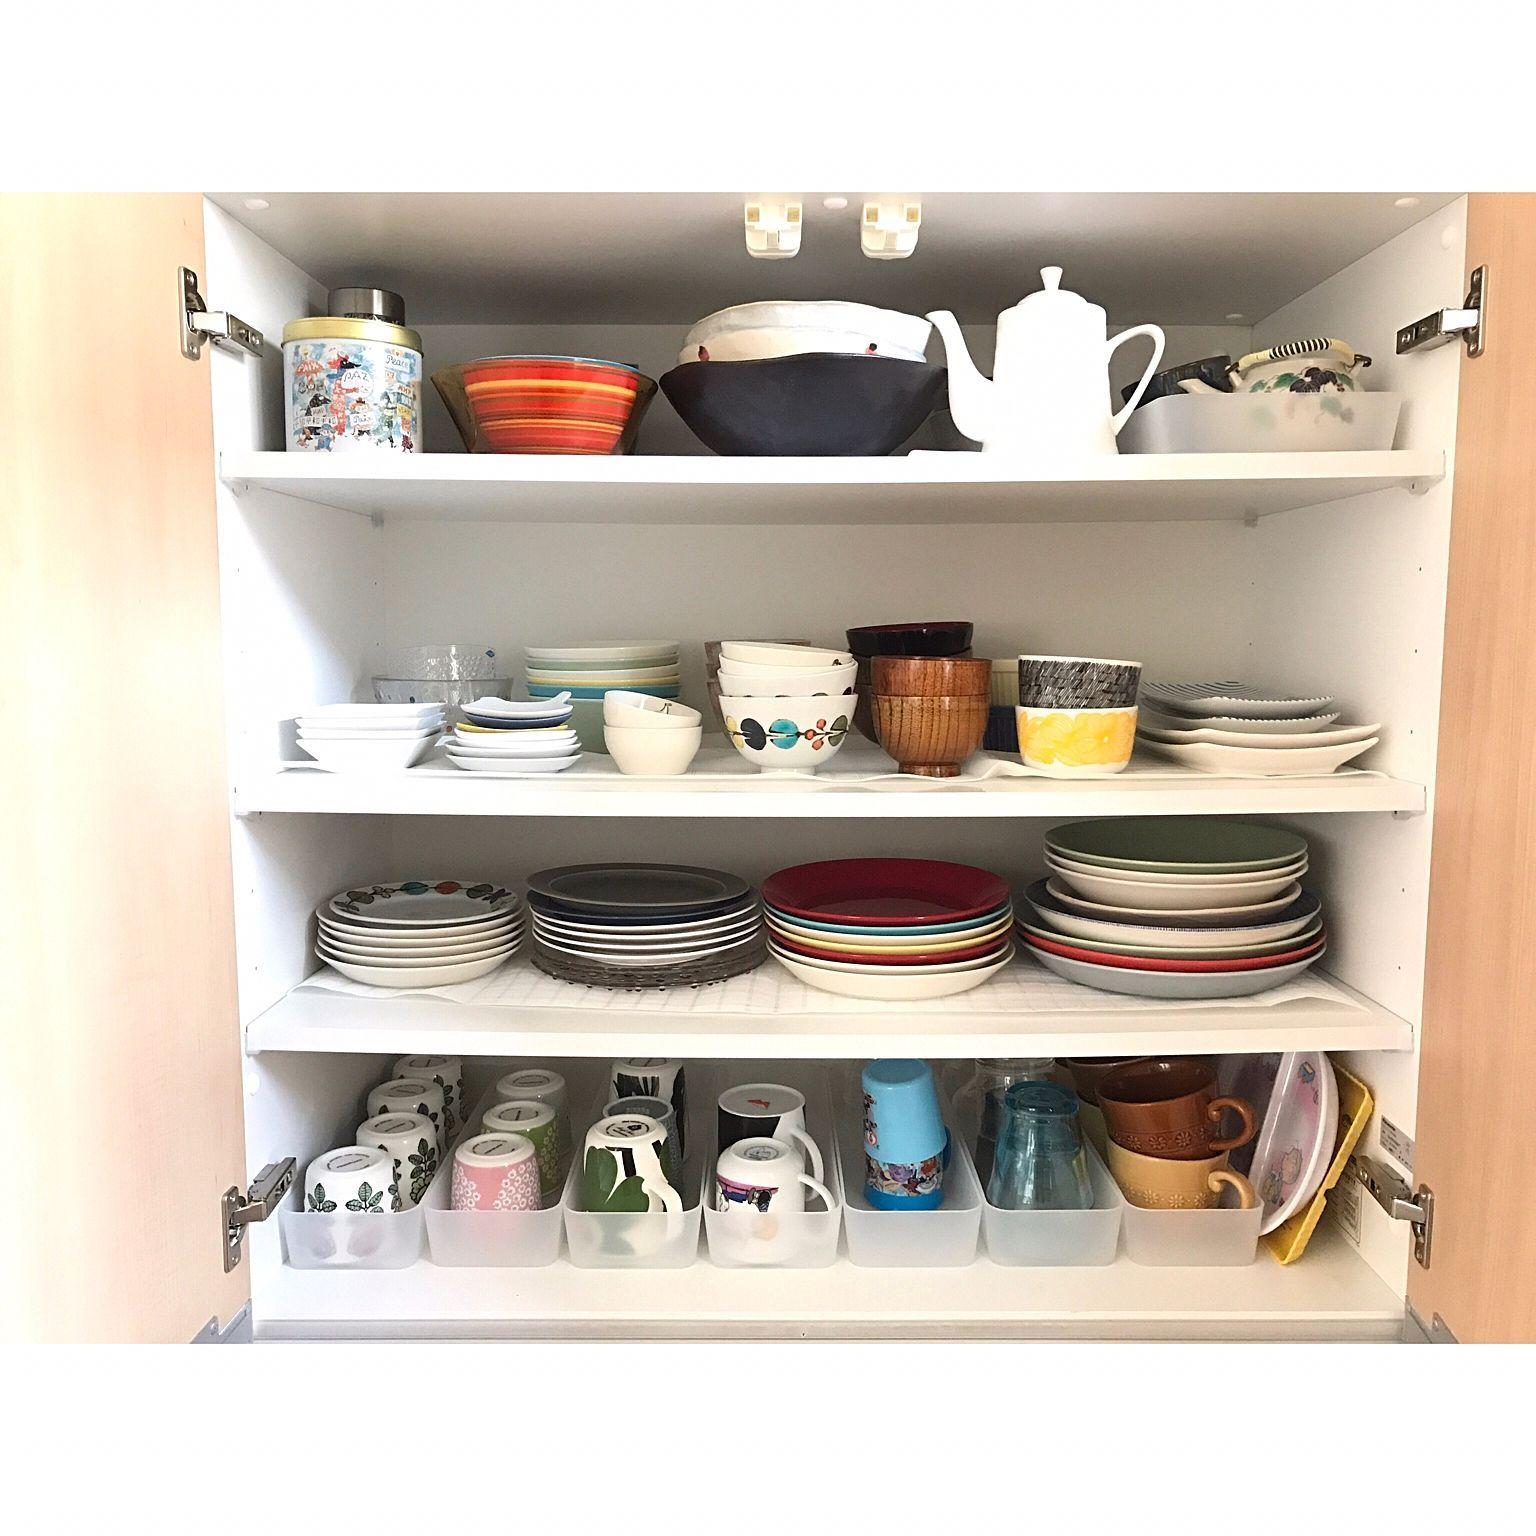 キッチン 食器 整理収納 整理整頓 食器棚収納 などのインテリア実例